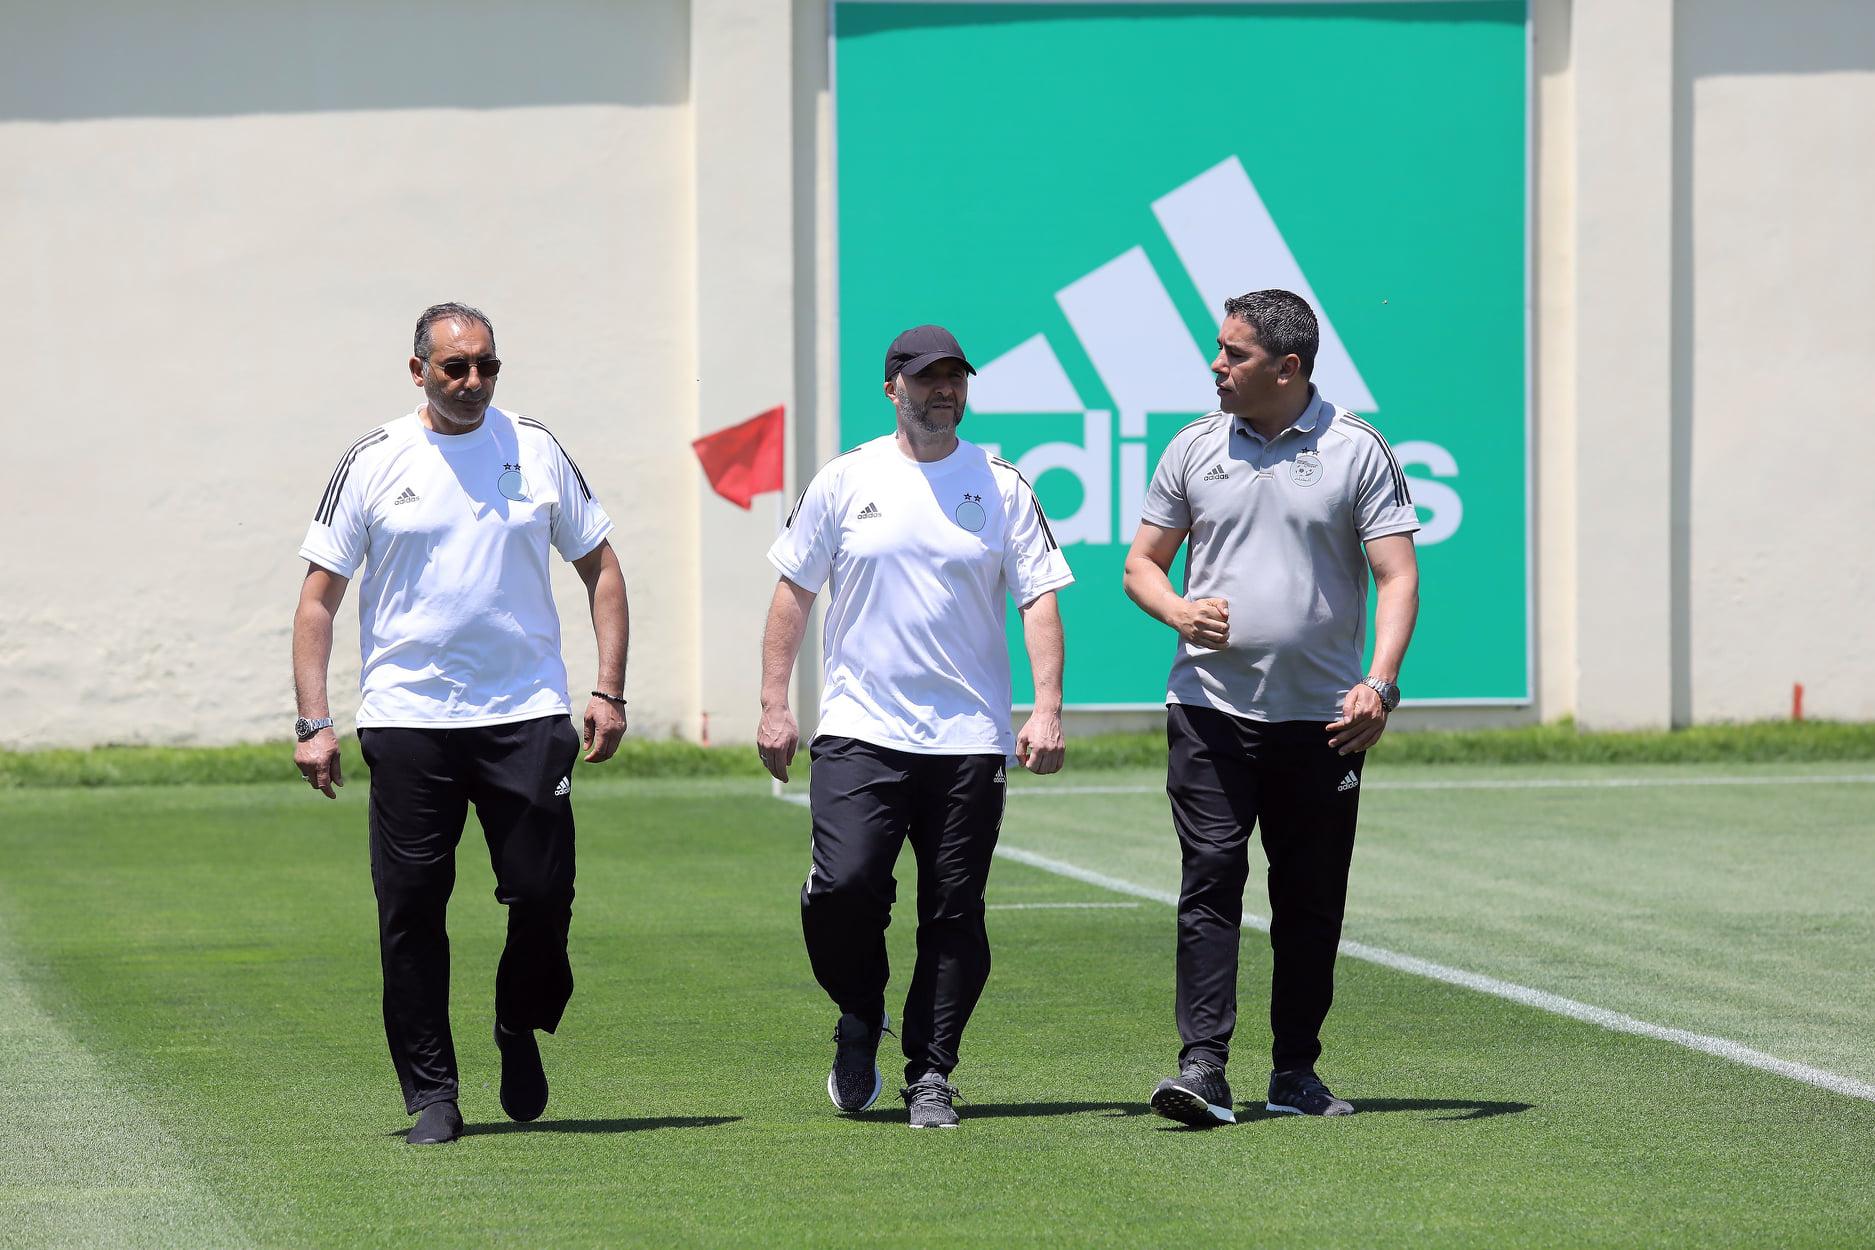 Le sélectionneur de l'Algérie, Belmadi (au centre), suit avec attention des footballeurs locaux.